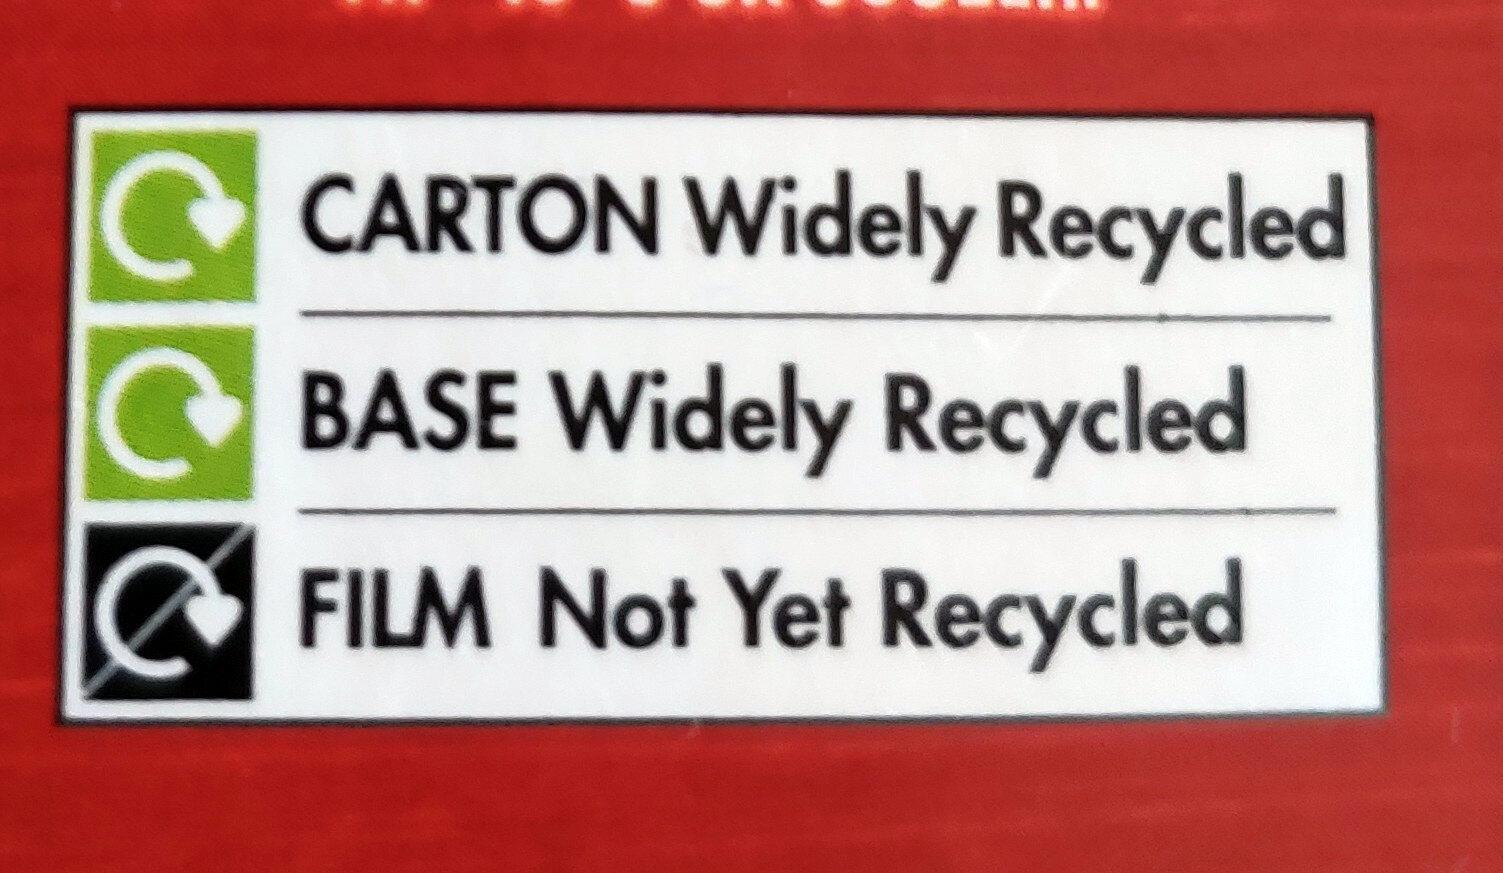 Pizza Pockets Triple Cheese - Instruction de recyclage et/ou information d'emballage - en